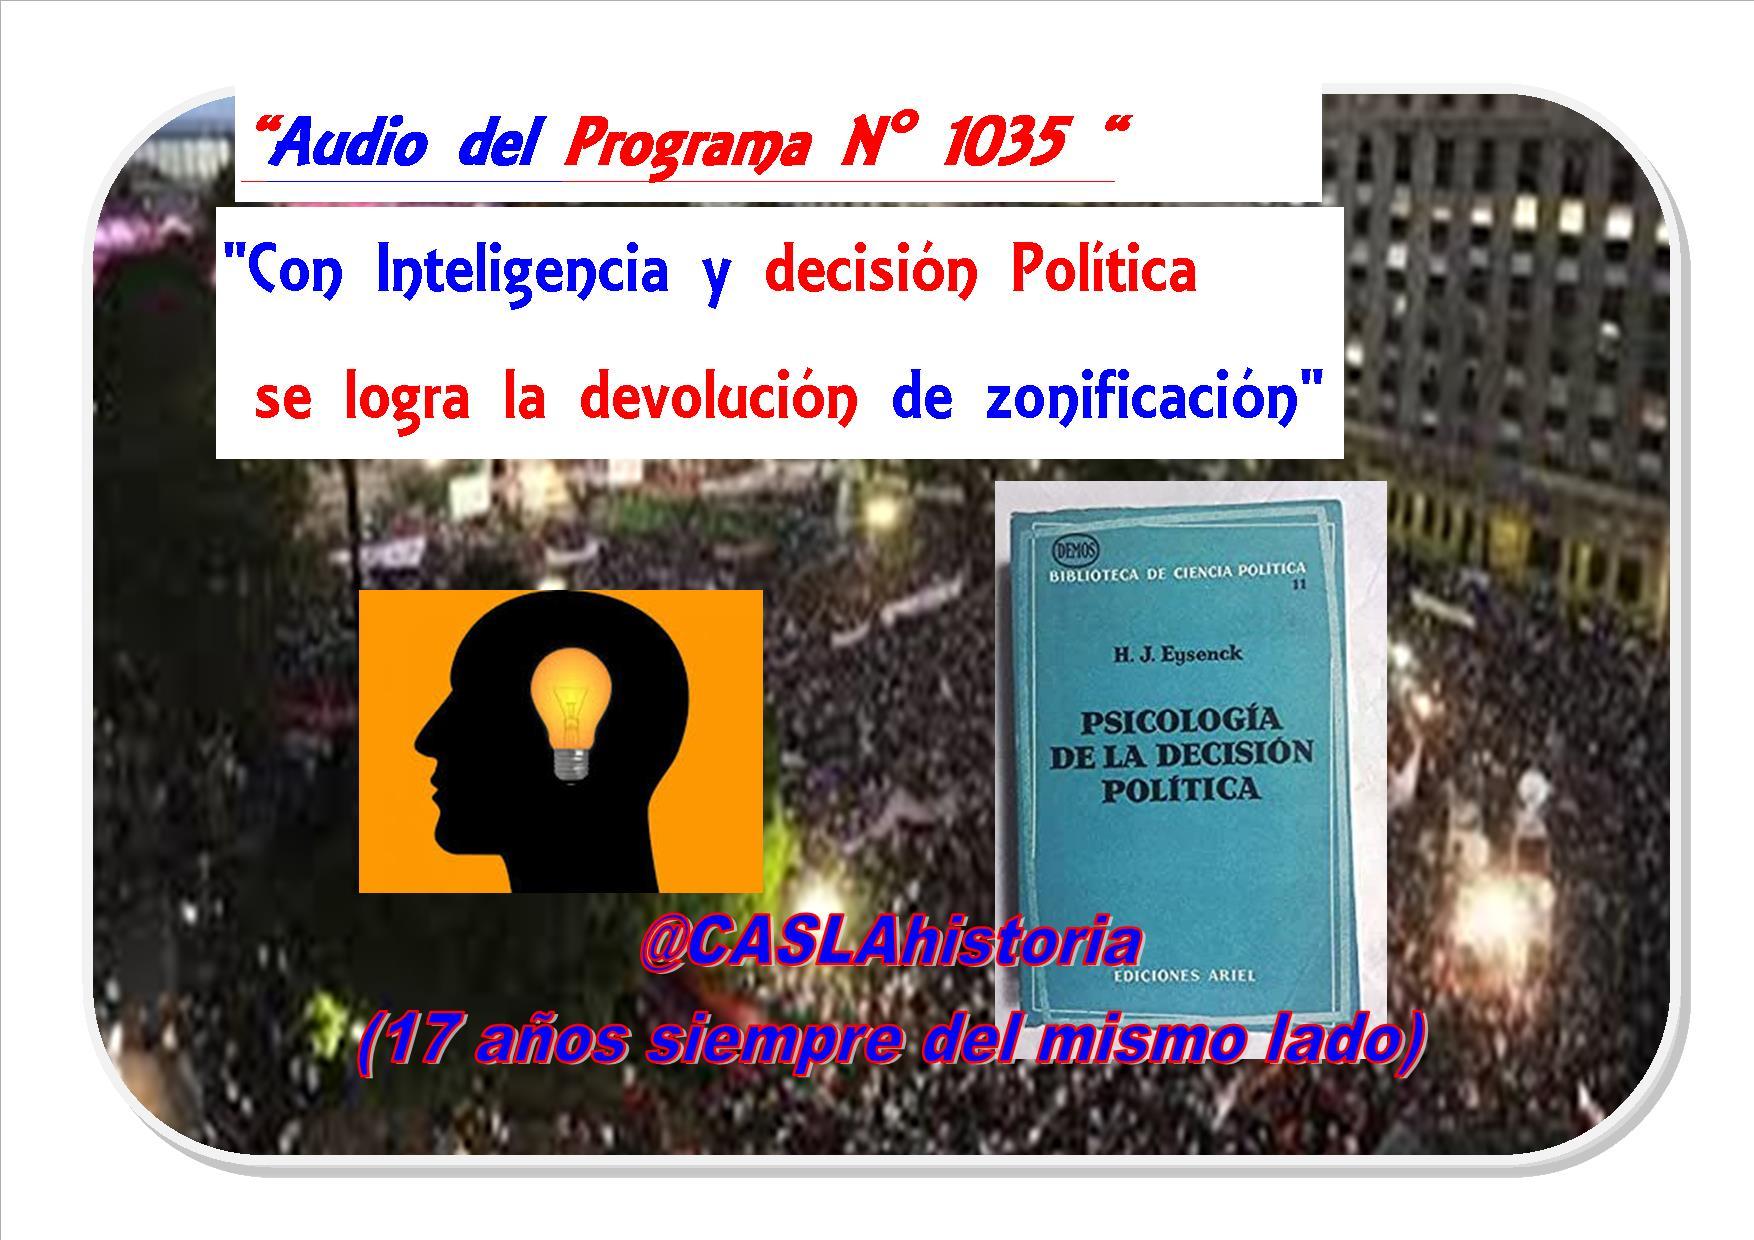 Audio del Programa N° 1035.»Con Inteligencia y decisión Politica se logra la devolución de zonificación»